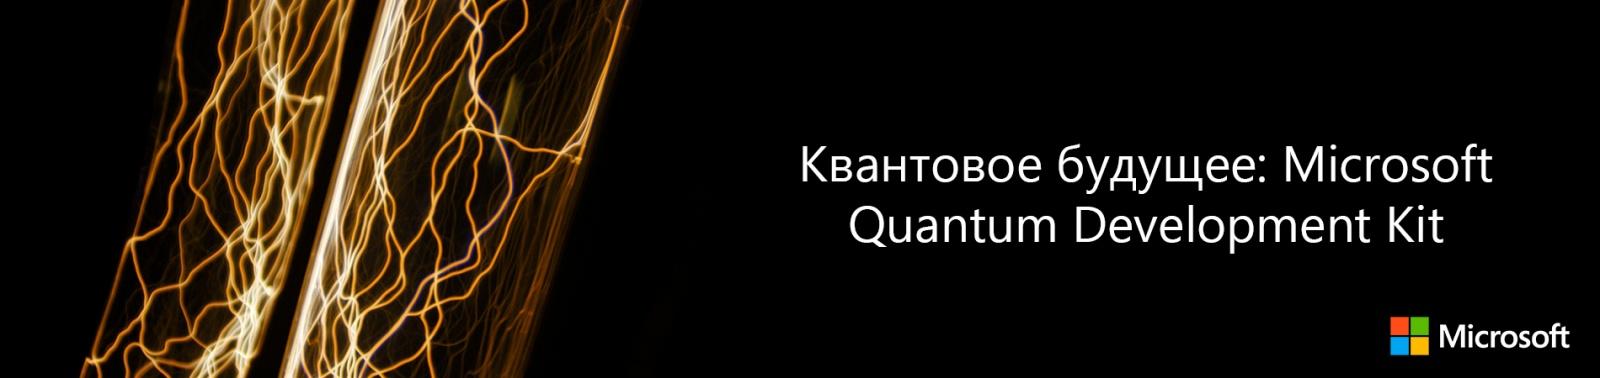 Квантовое будущее: Microsoft Quantum Development Kit - 1